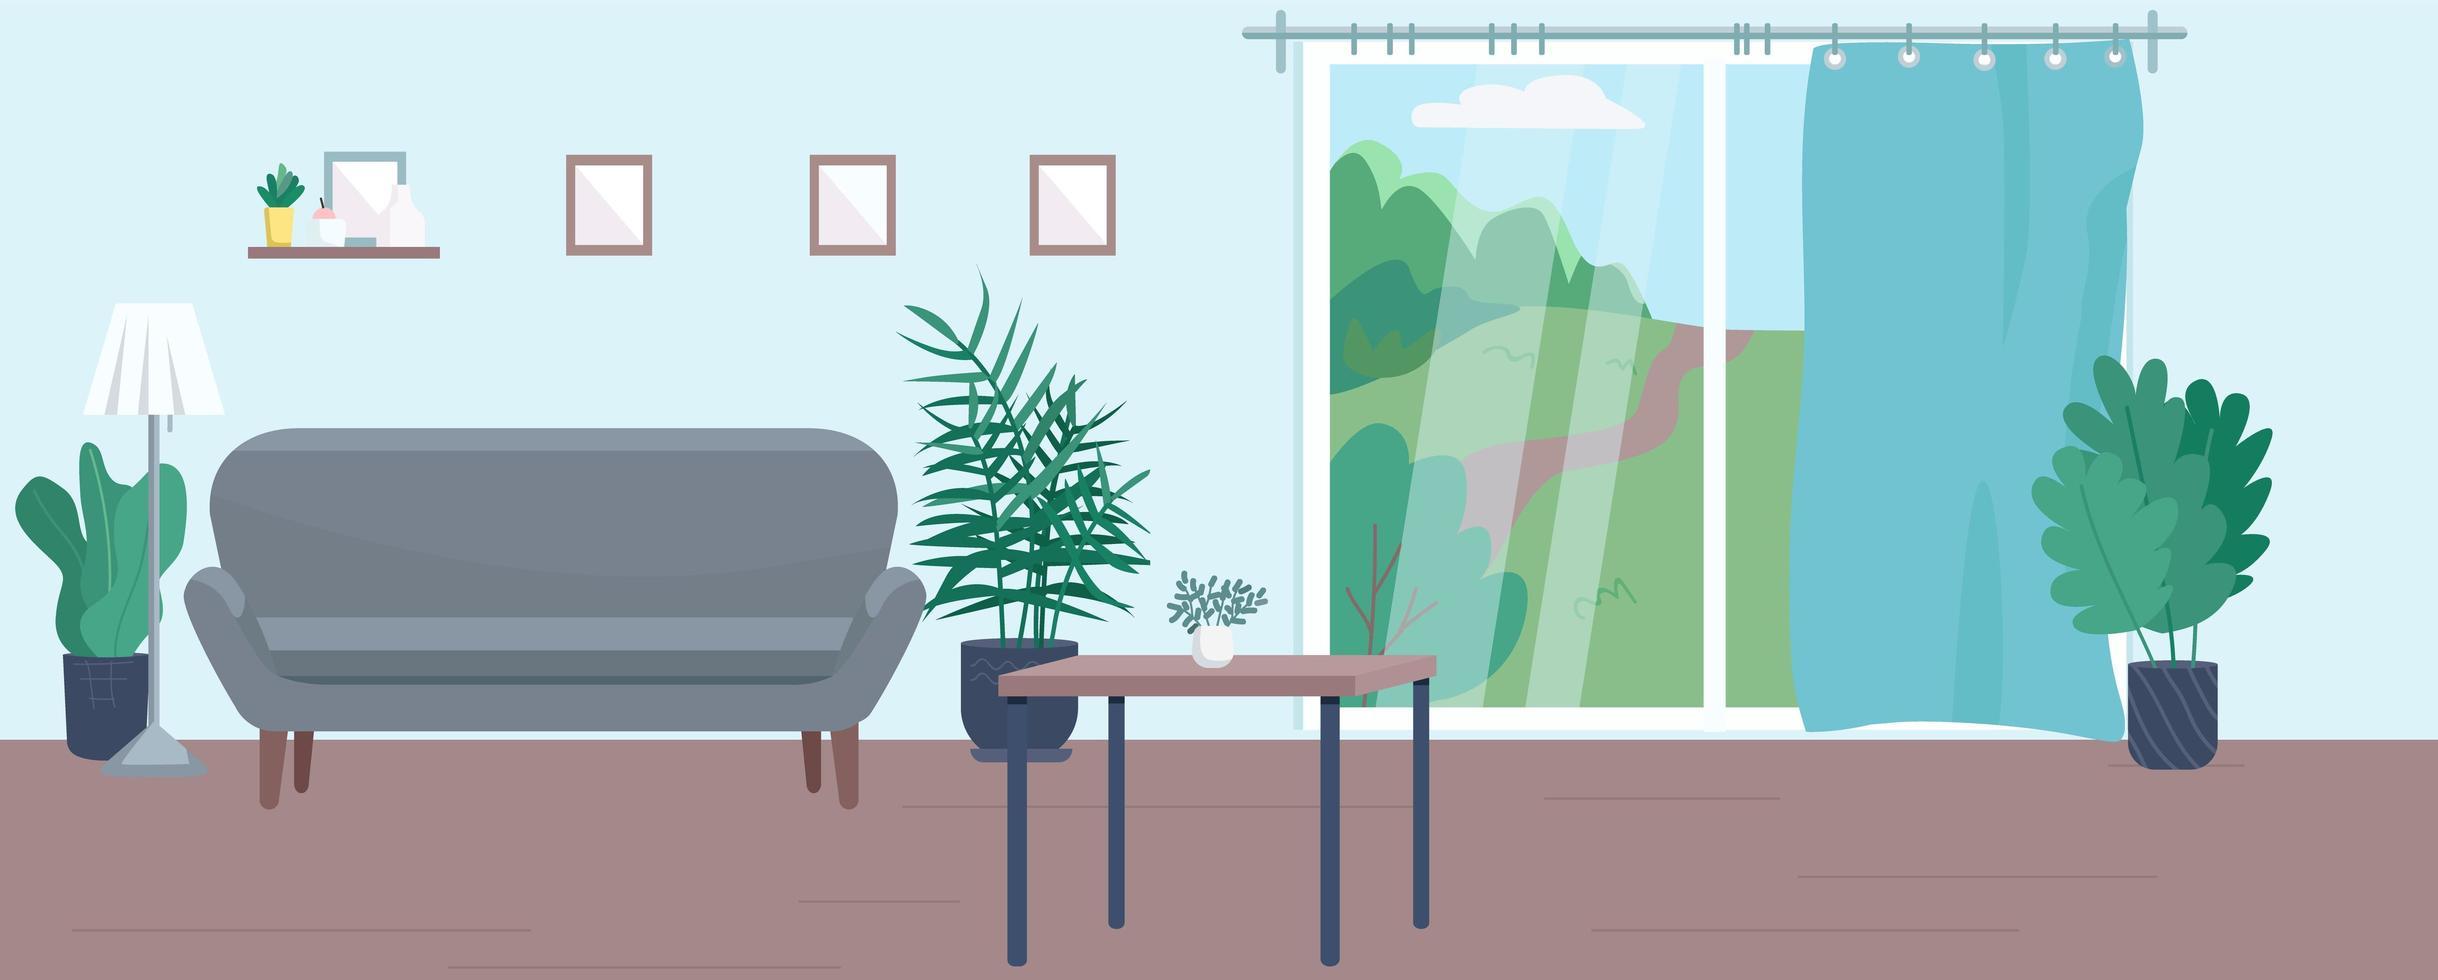 illustration plate de salon vide vecteur